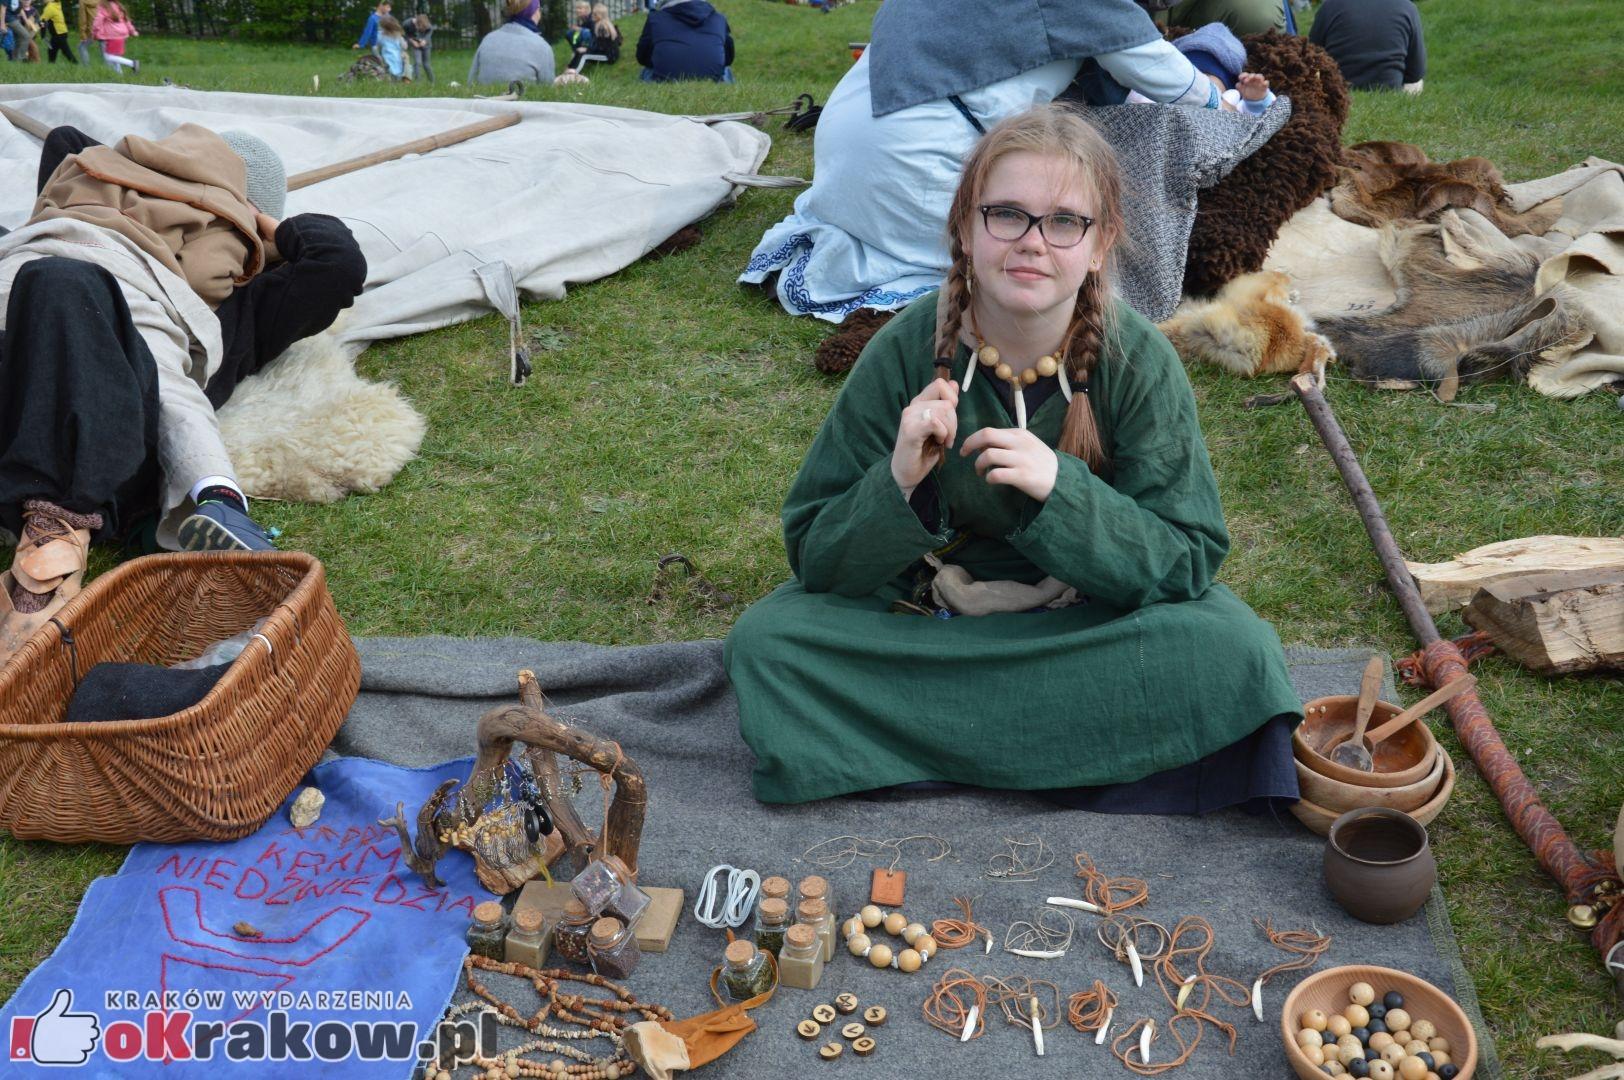 Obszerna galeria zdjęć z Tradycyjnego Święta Rękawki na Kopcu Krakusa